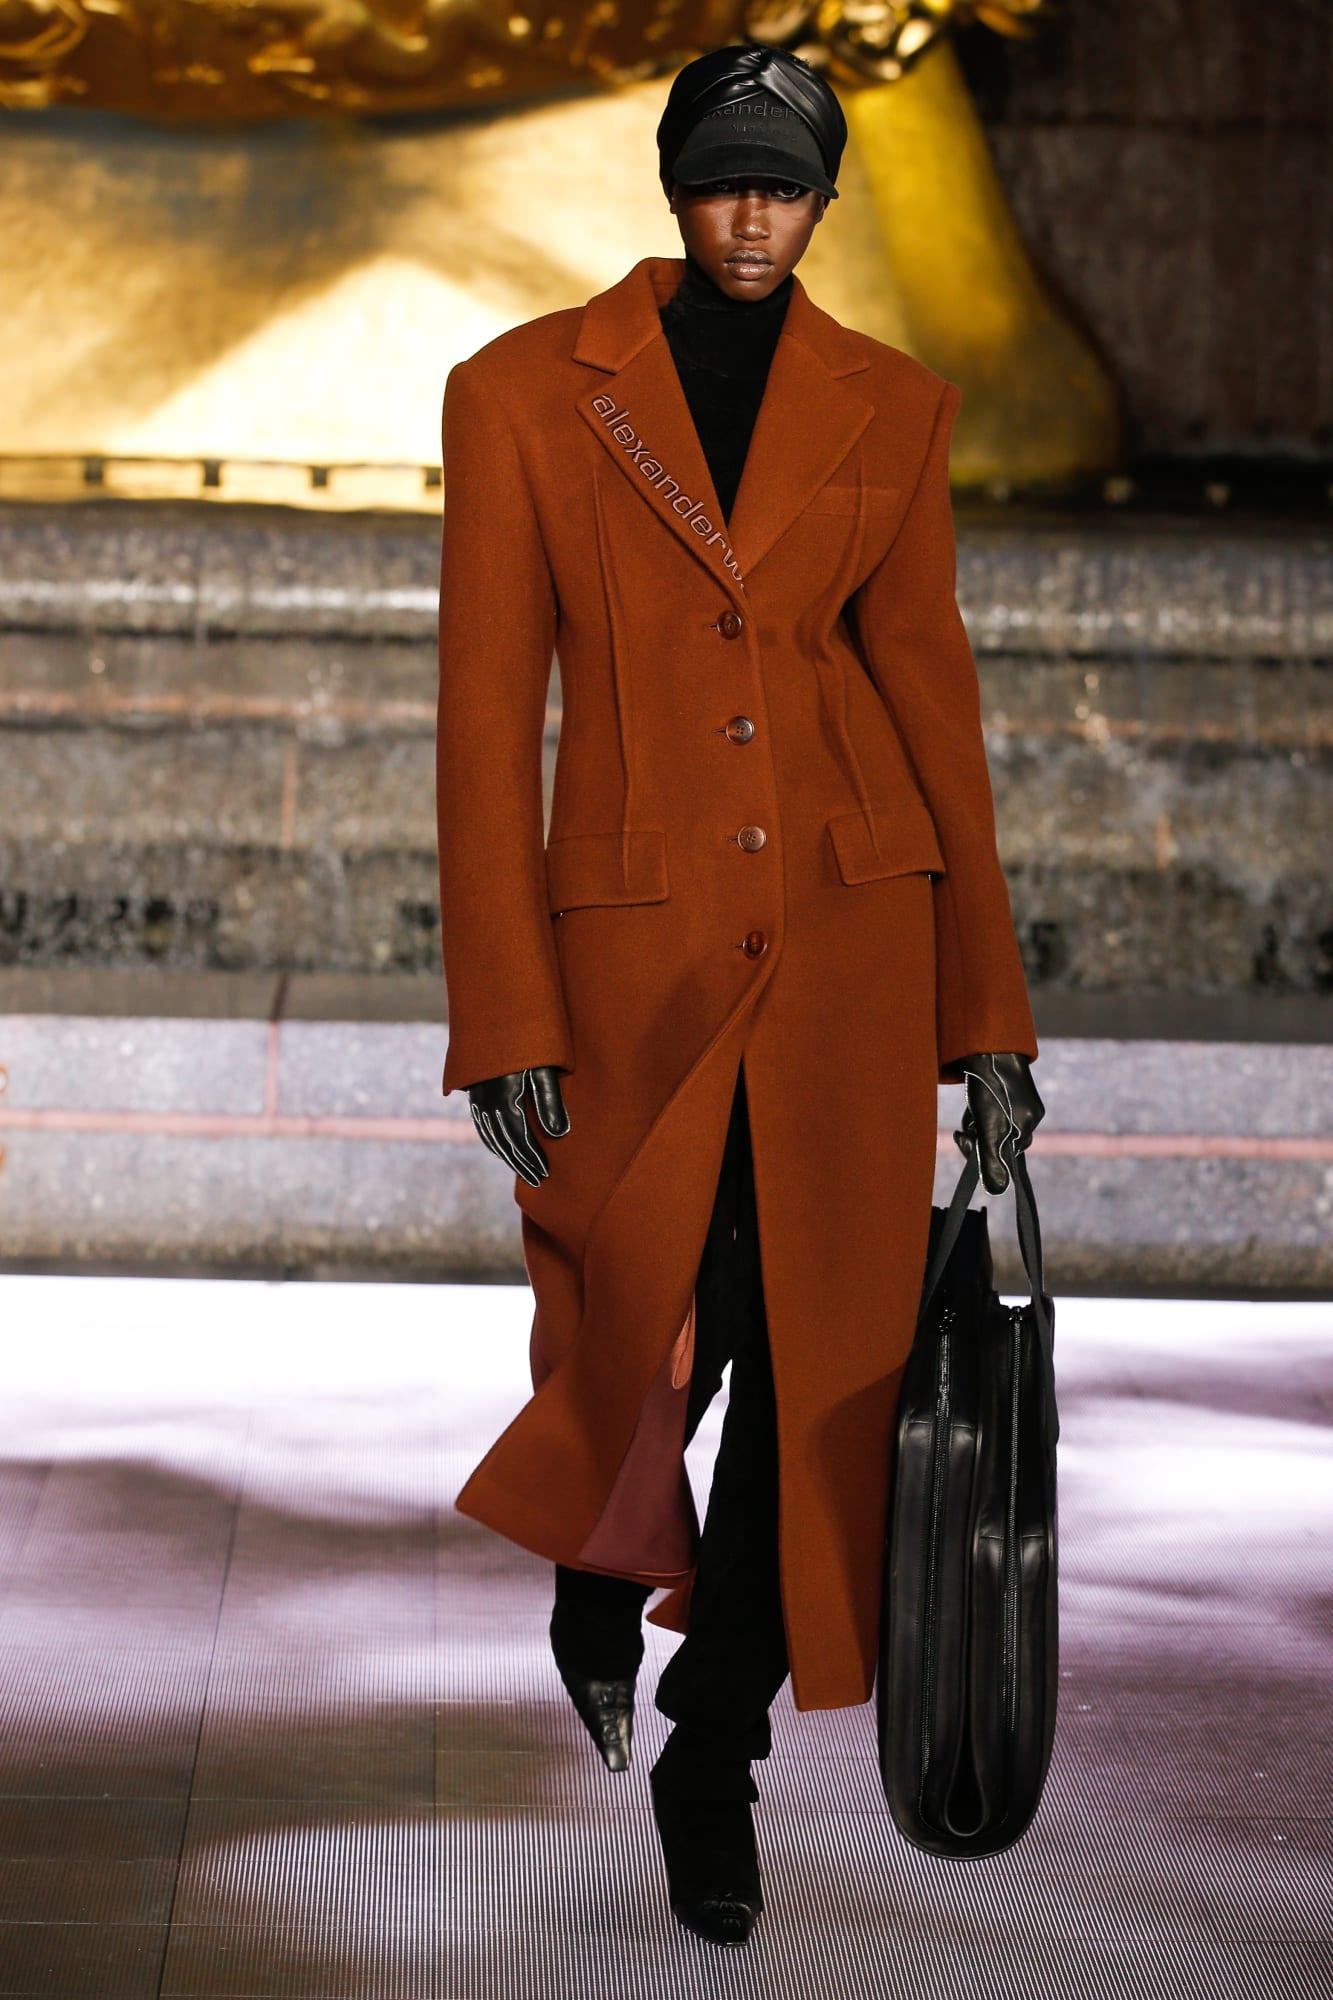 áo khoác dáng dài màu nâu và túi xách đen